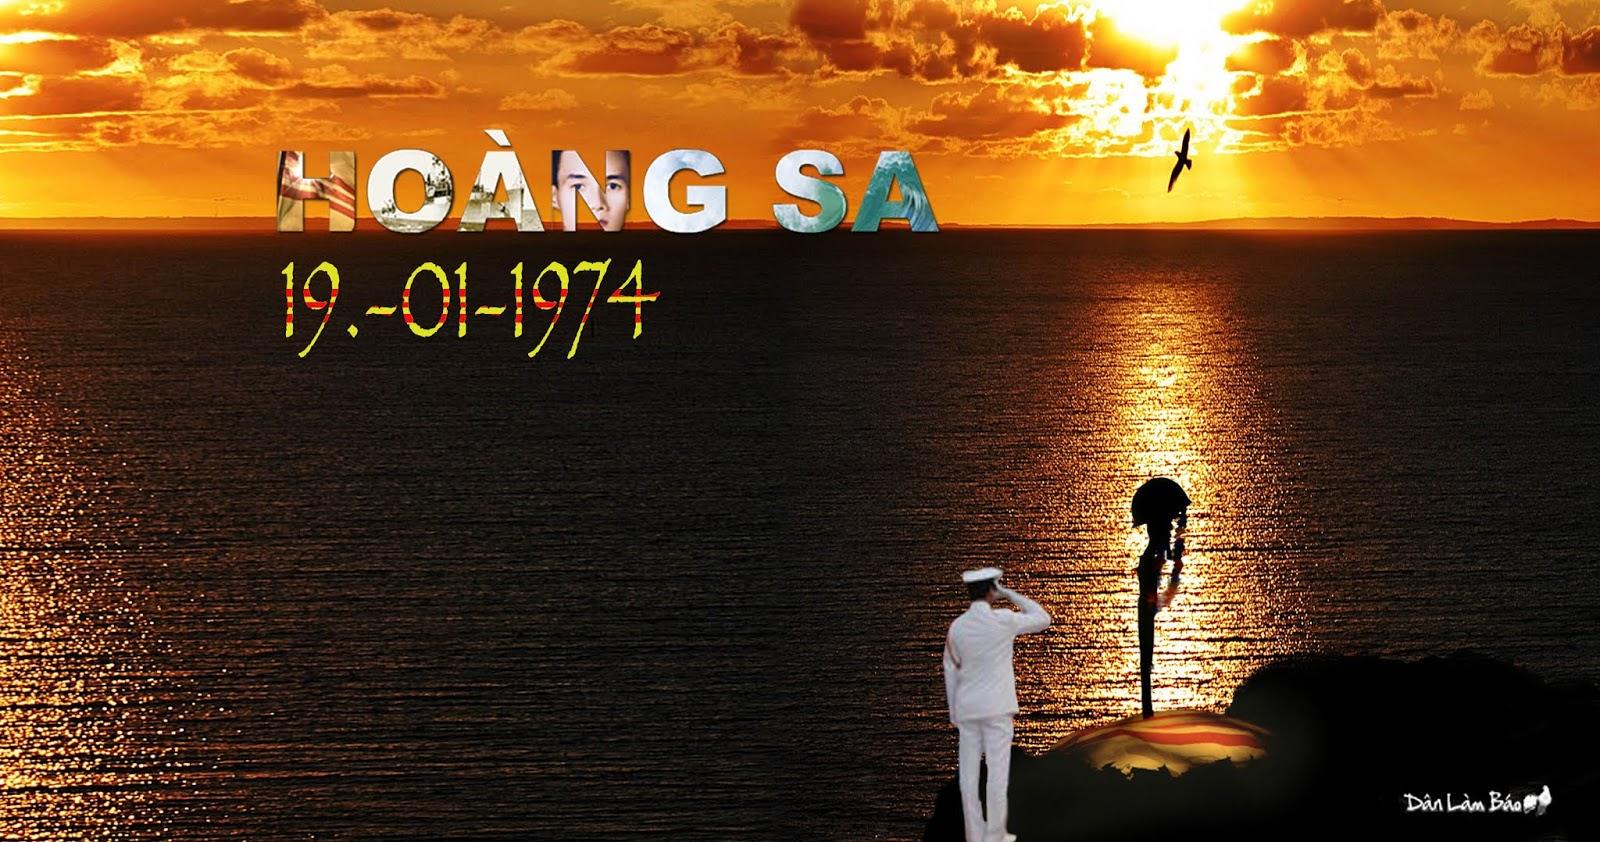 Kỷ niệm 45 năm Hải chiến Hoàng  Sa và nhận diện kẻ thù của dân tộc Việt Nam